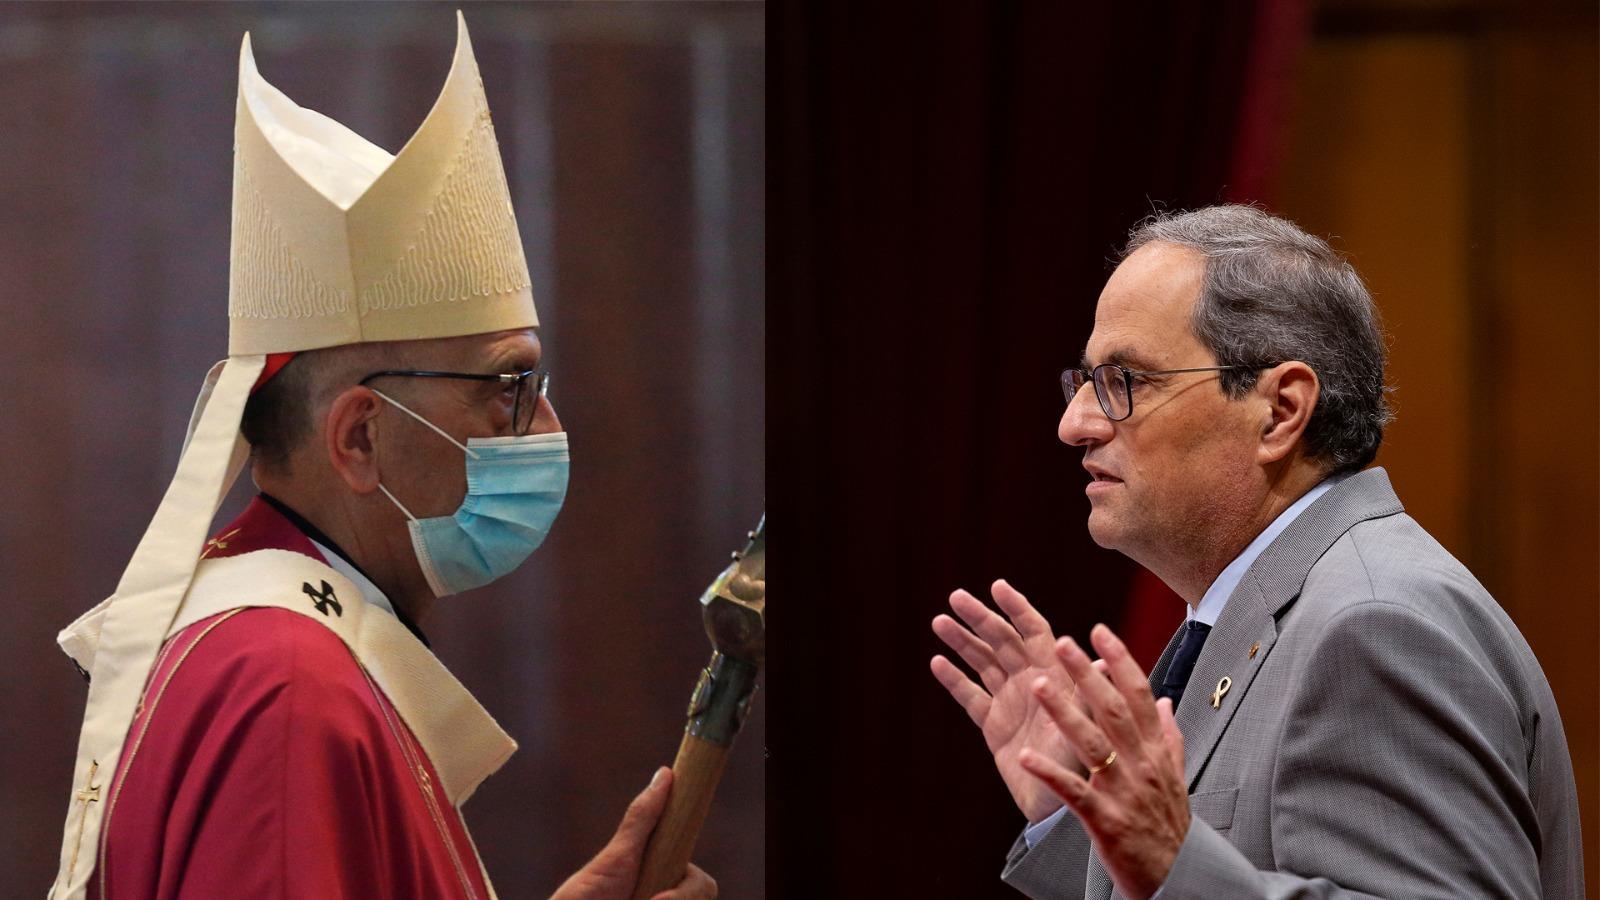 L'anàlisi d'Antoni Bassas: 'El president Torra i el cardenal Omella'